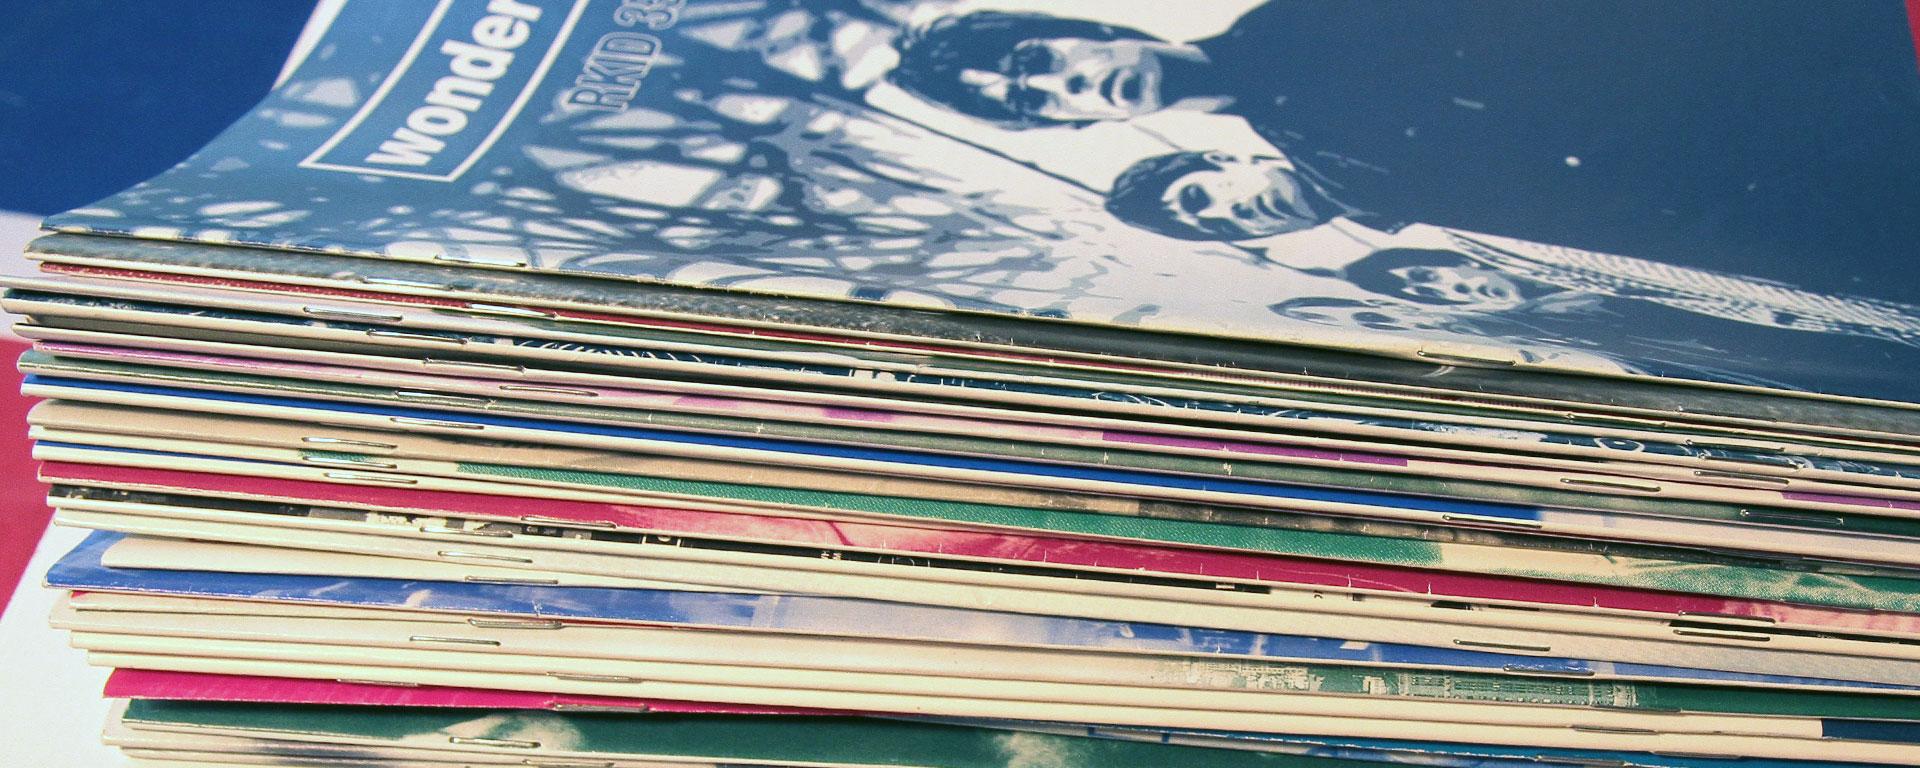 Oasis fanzines 1996-2010